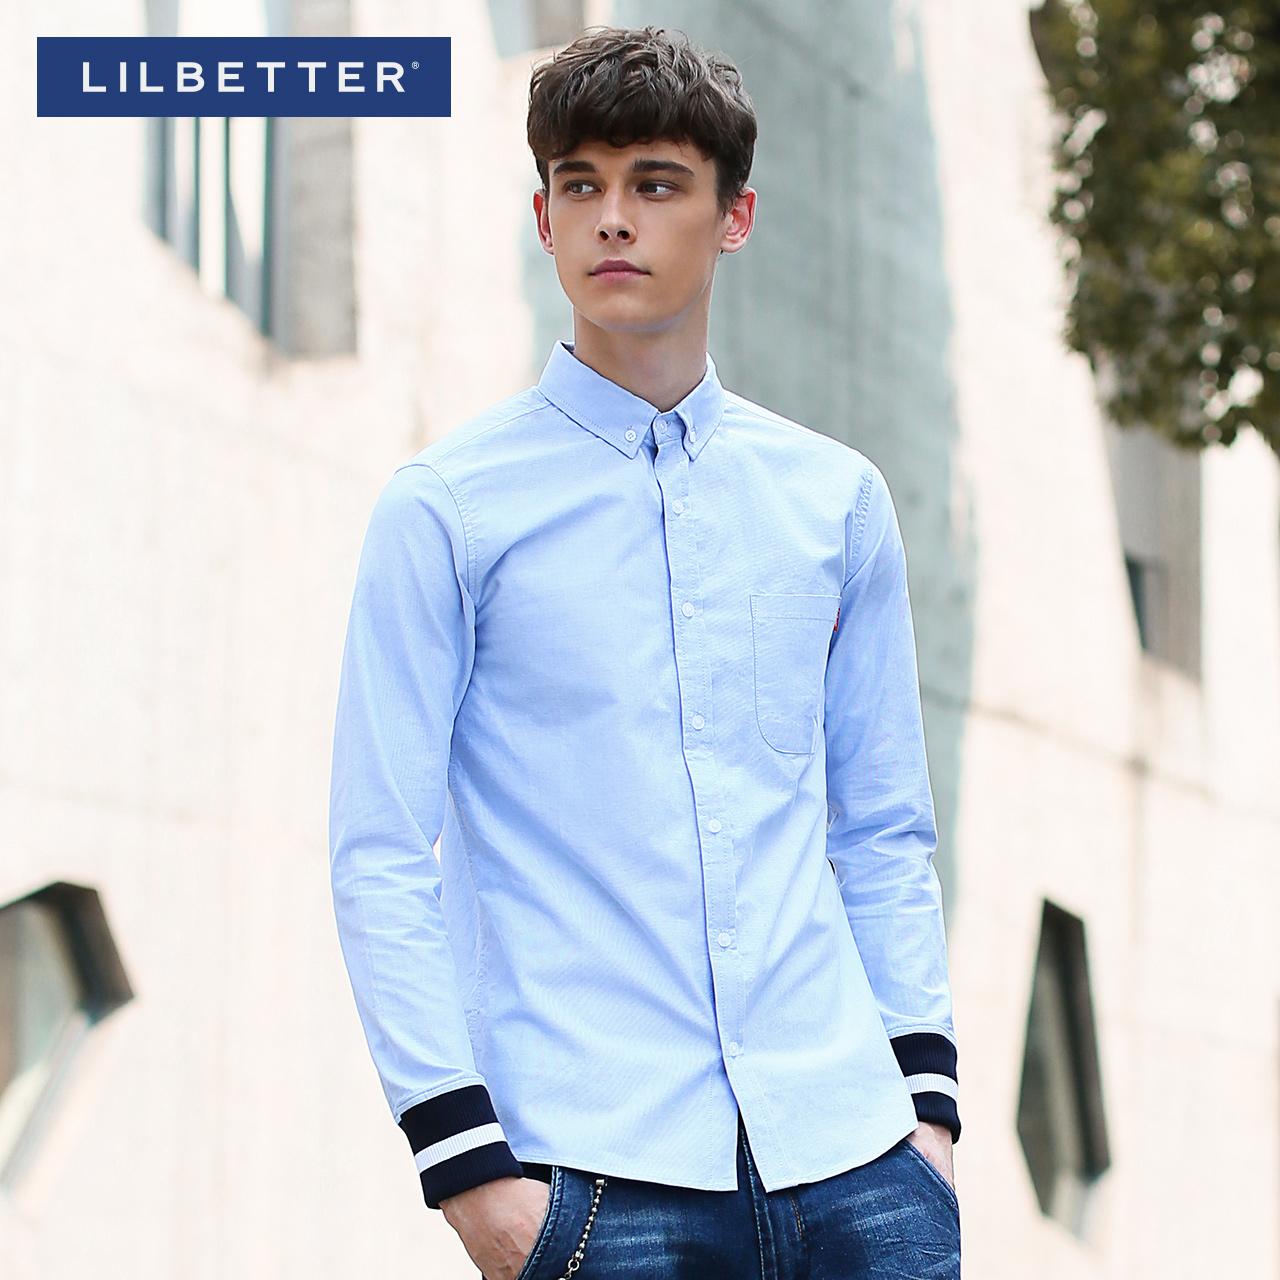 Lilbetter長袖襯衫男 春裝潮流修身牛津紡英倫精紡 男士襯衣